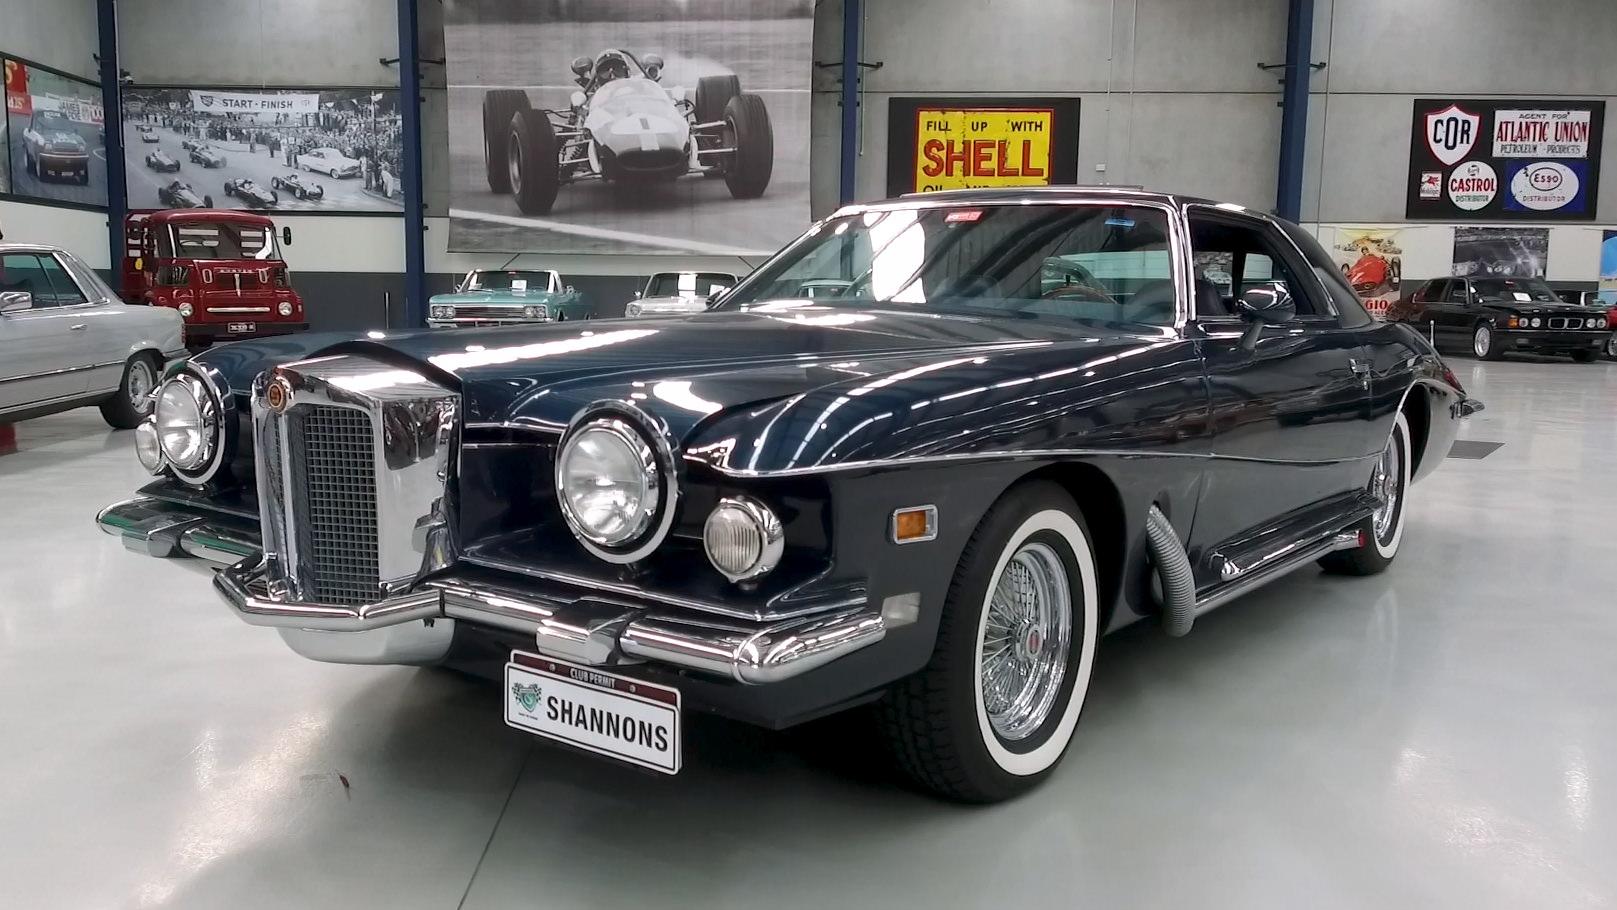 1976 Stutz Blackhawk Coupe (LHD) - 2021 Shannons Autumn Timed Online Auction